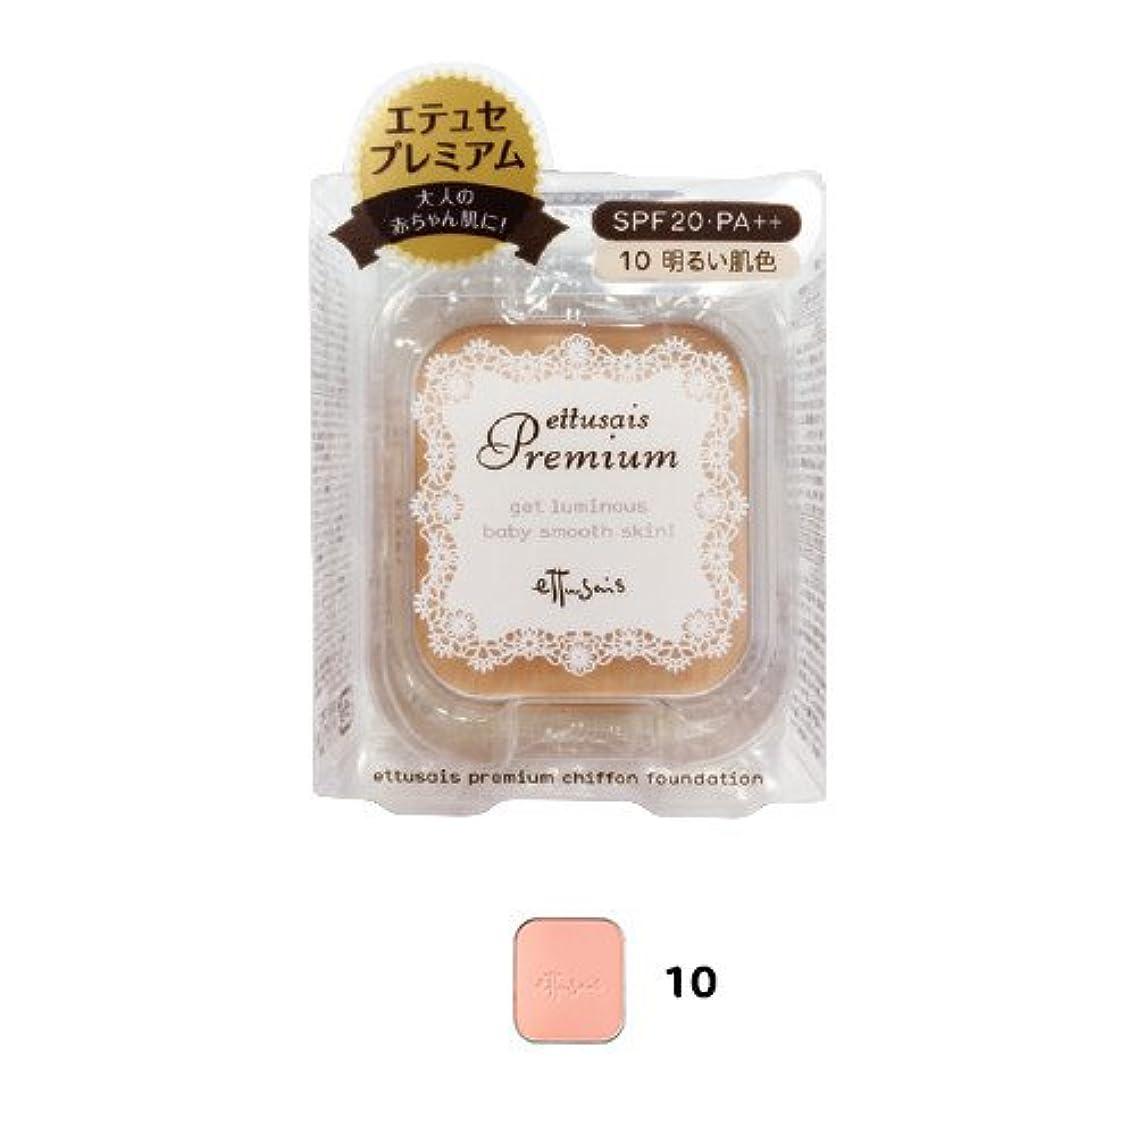 モス曇ったサンドイッチエテュセ プレミアム シフォンファンデーション 10(明るい肌色) レフィル SPF20?PA++ 9g